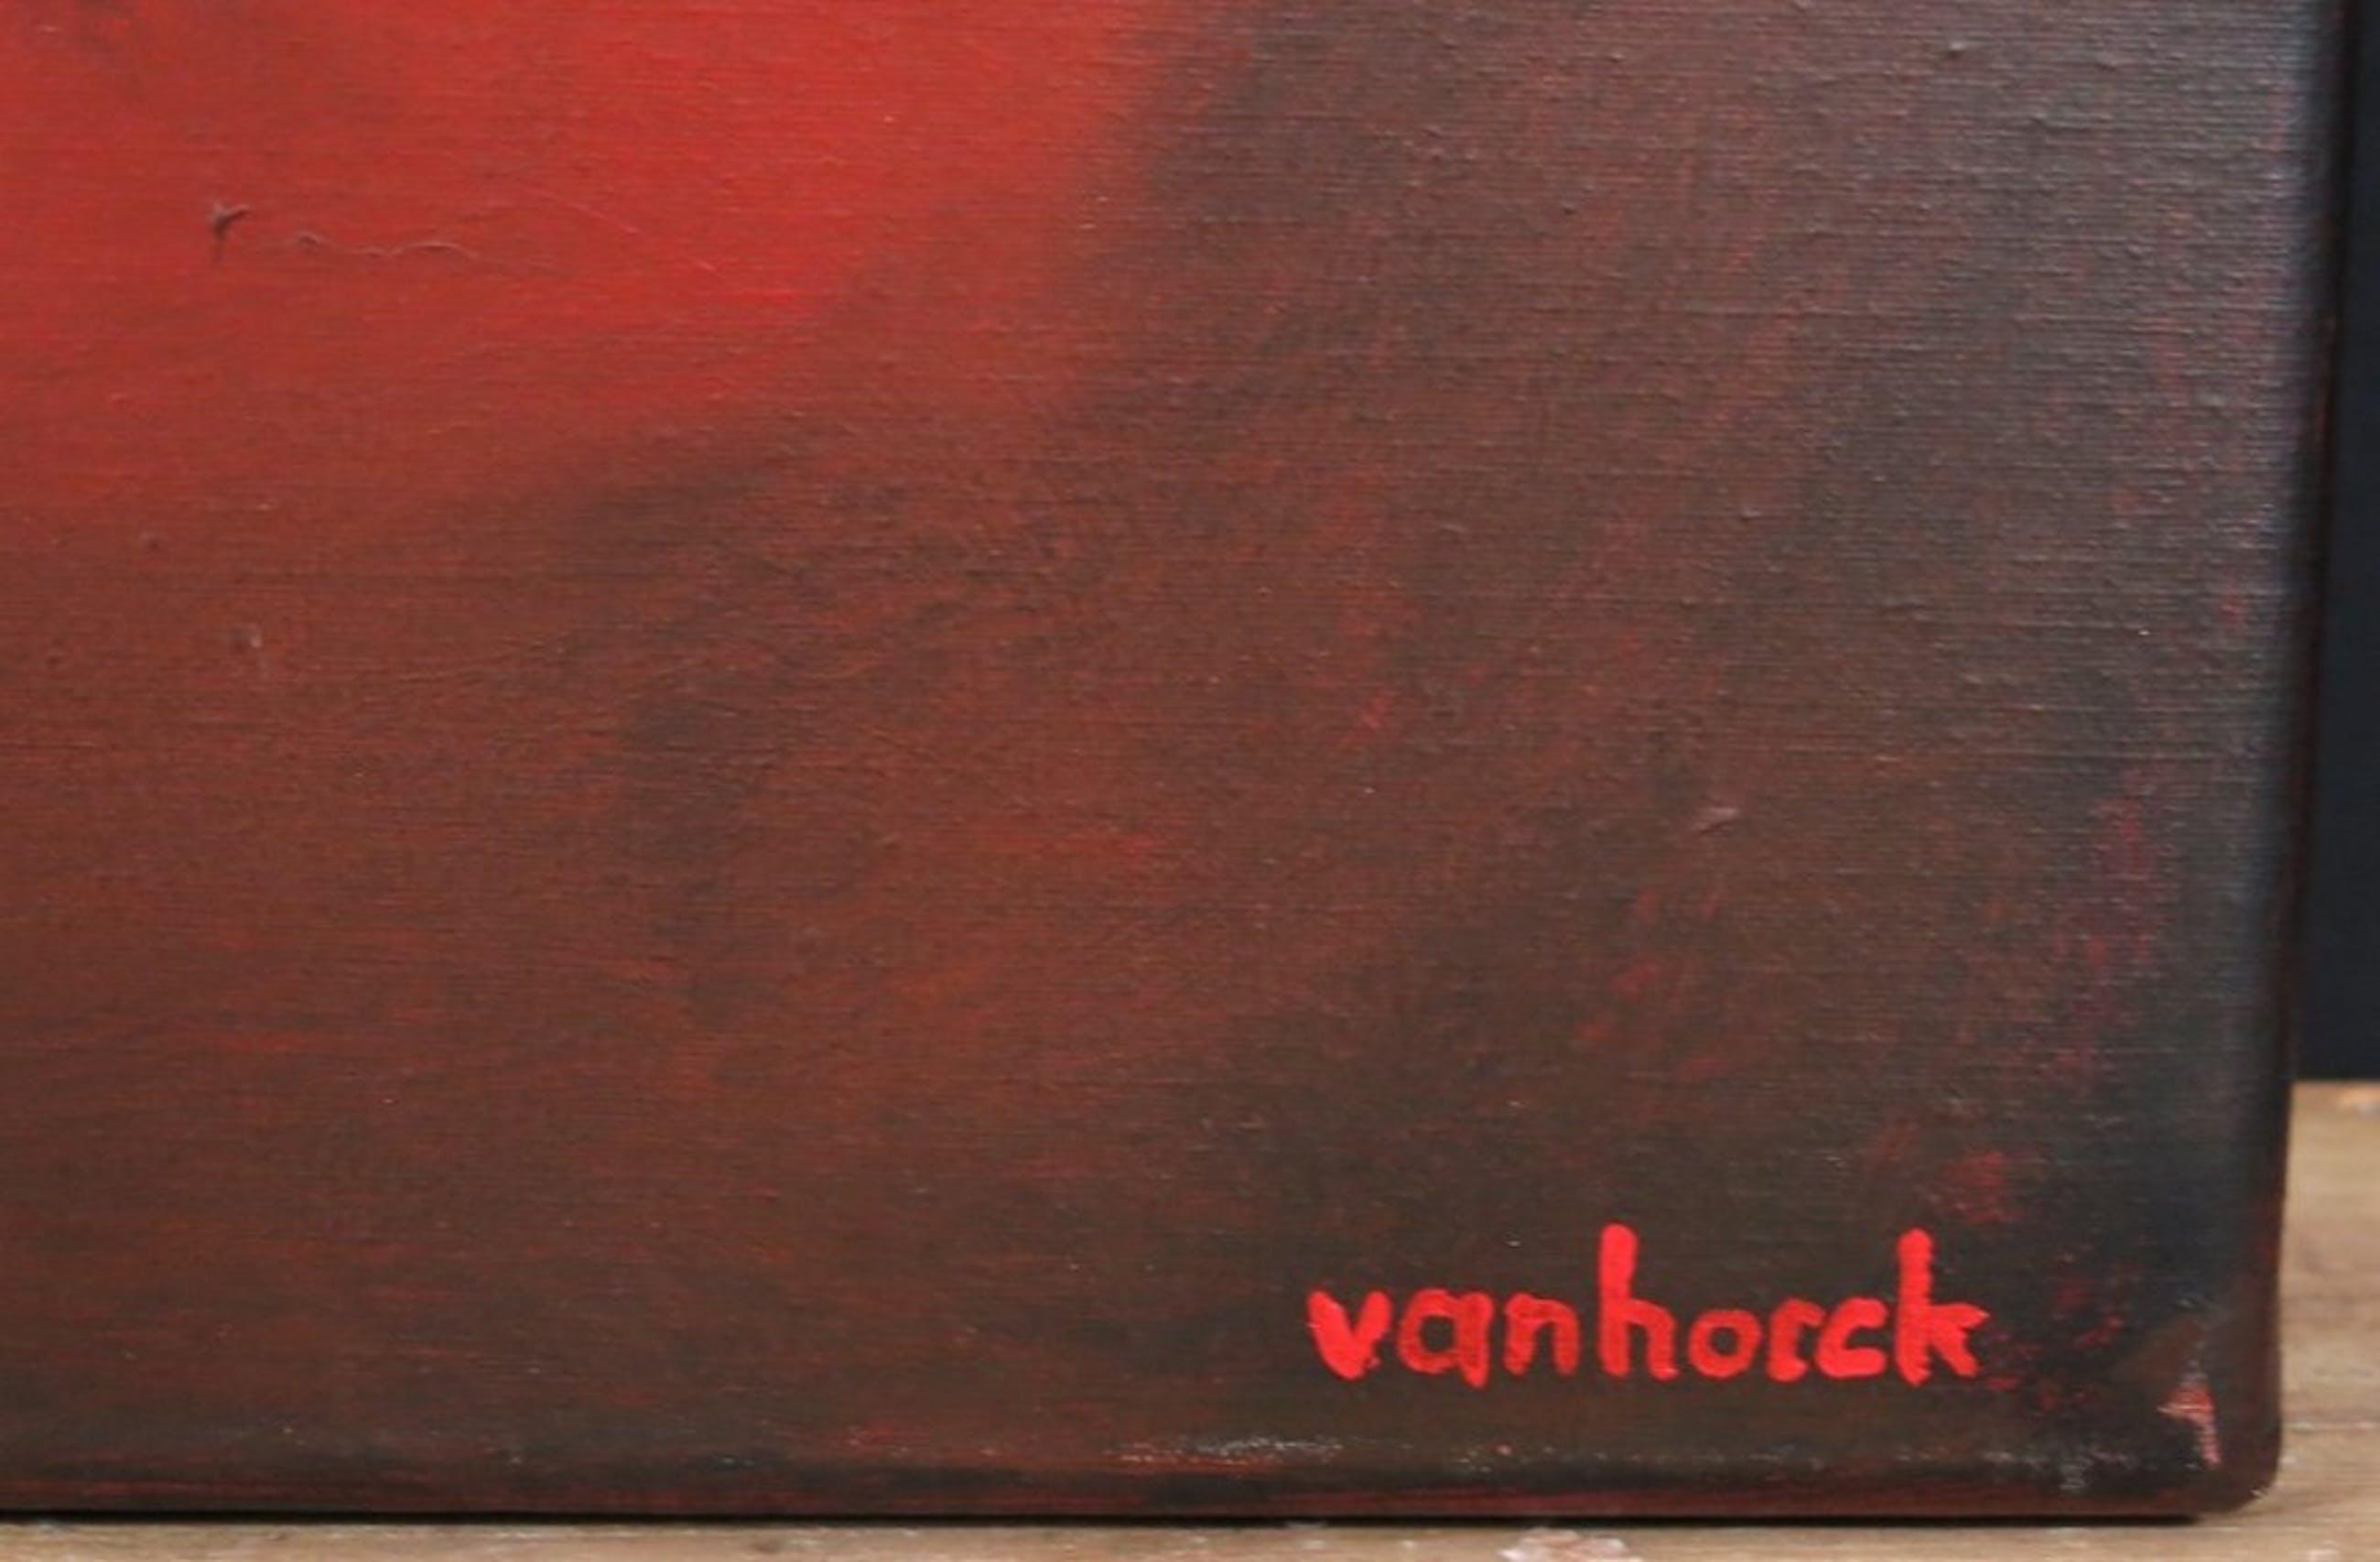 Hans Vanhorck: Olieverf op doek, La structure abstracte  kopen? Bied vanaf 400!